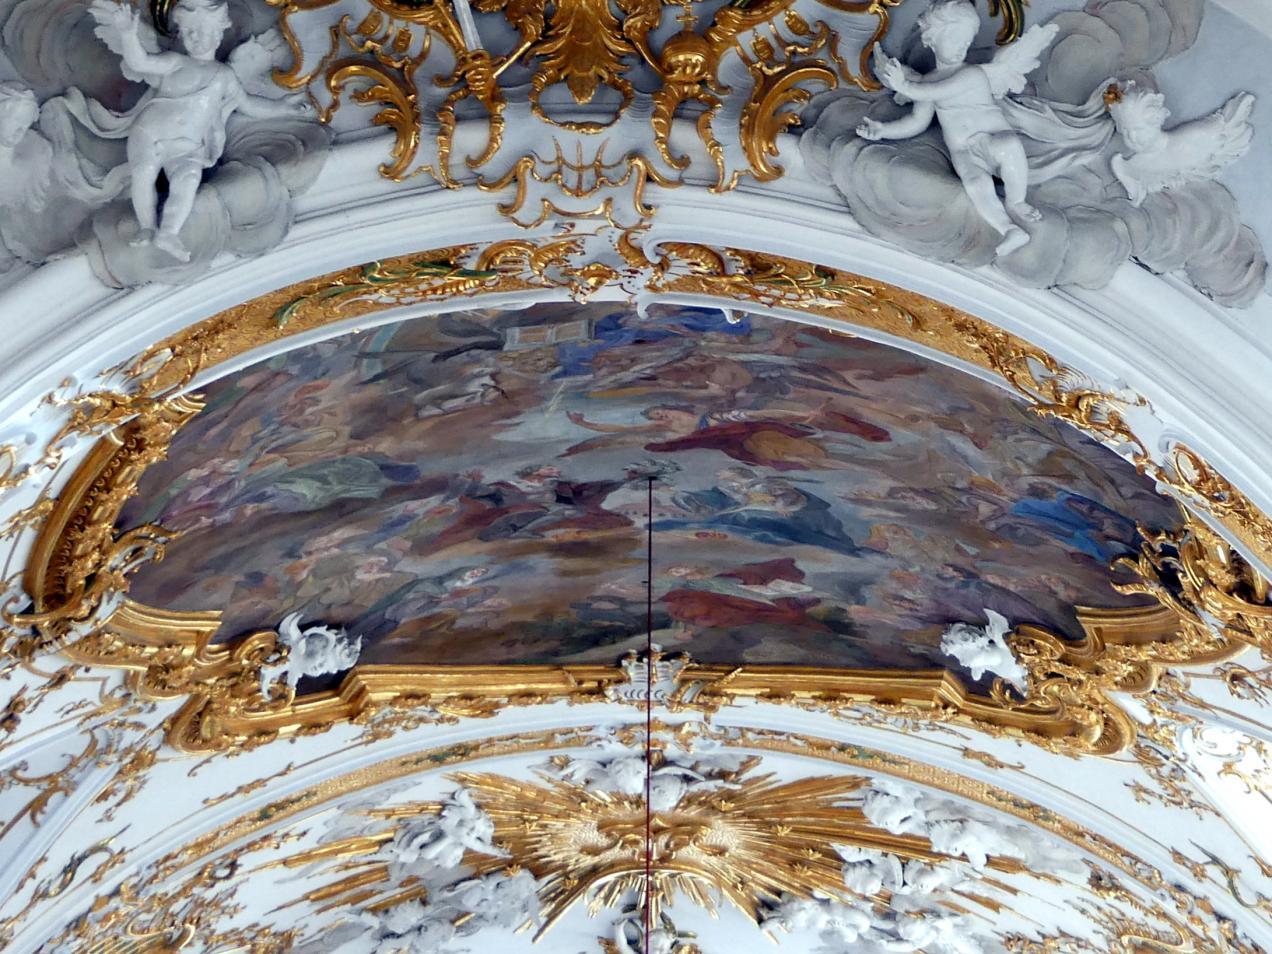 Gottfried Bernhard Göz: Deckenfresko im Chor der Stiftskirche Unserer Lieben Frau zur Alten Kapelle in Regensburg, 1762